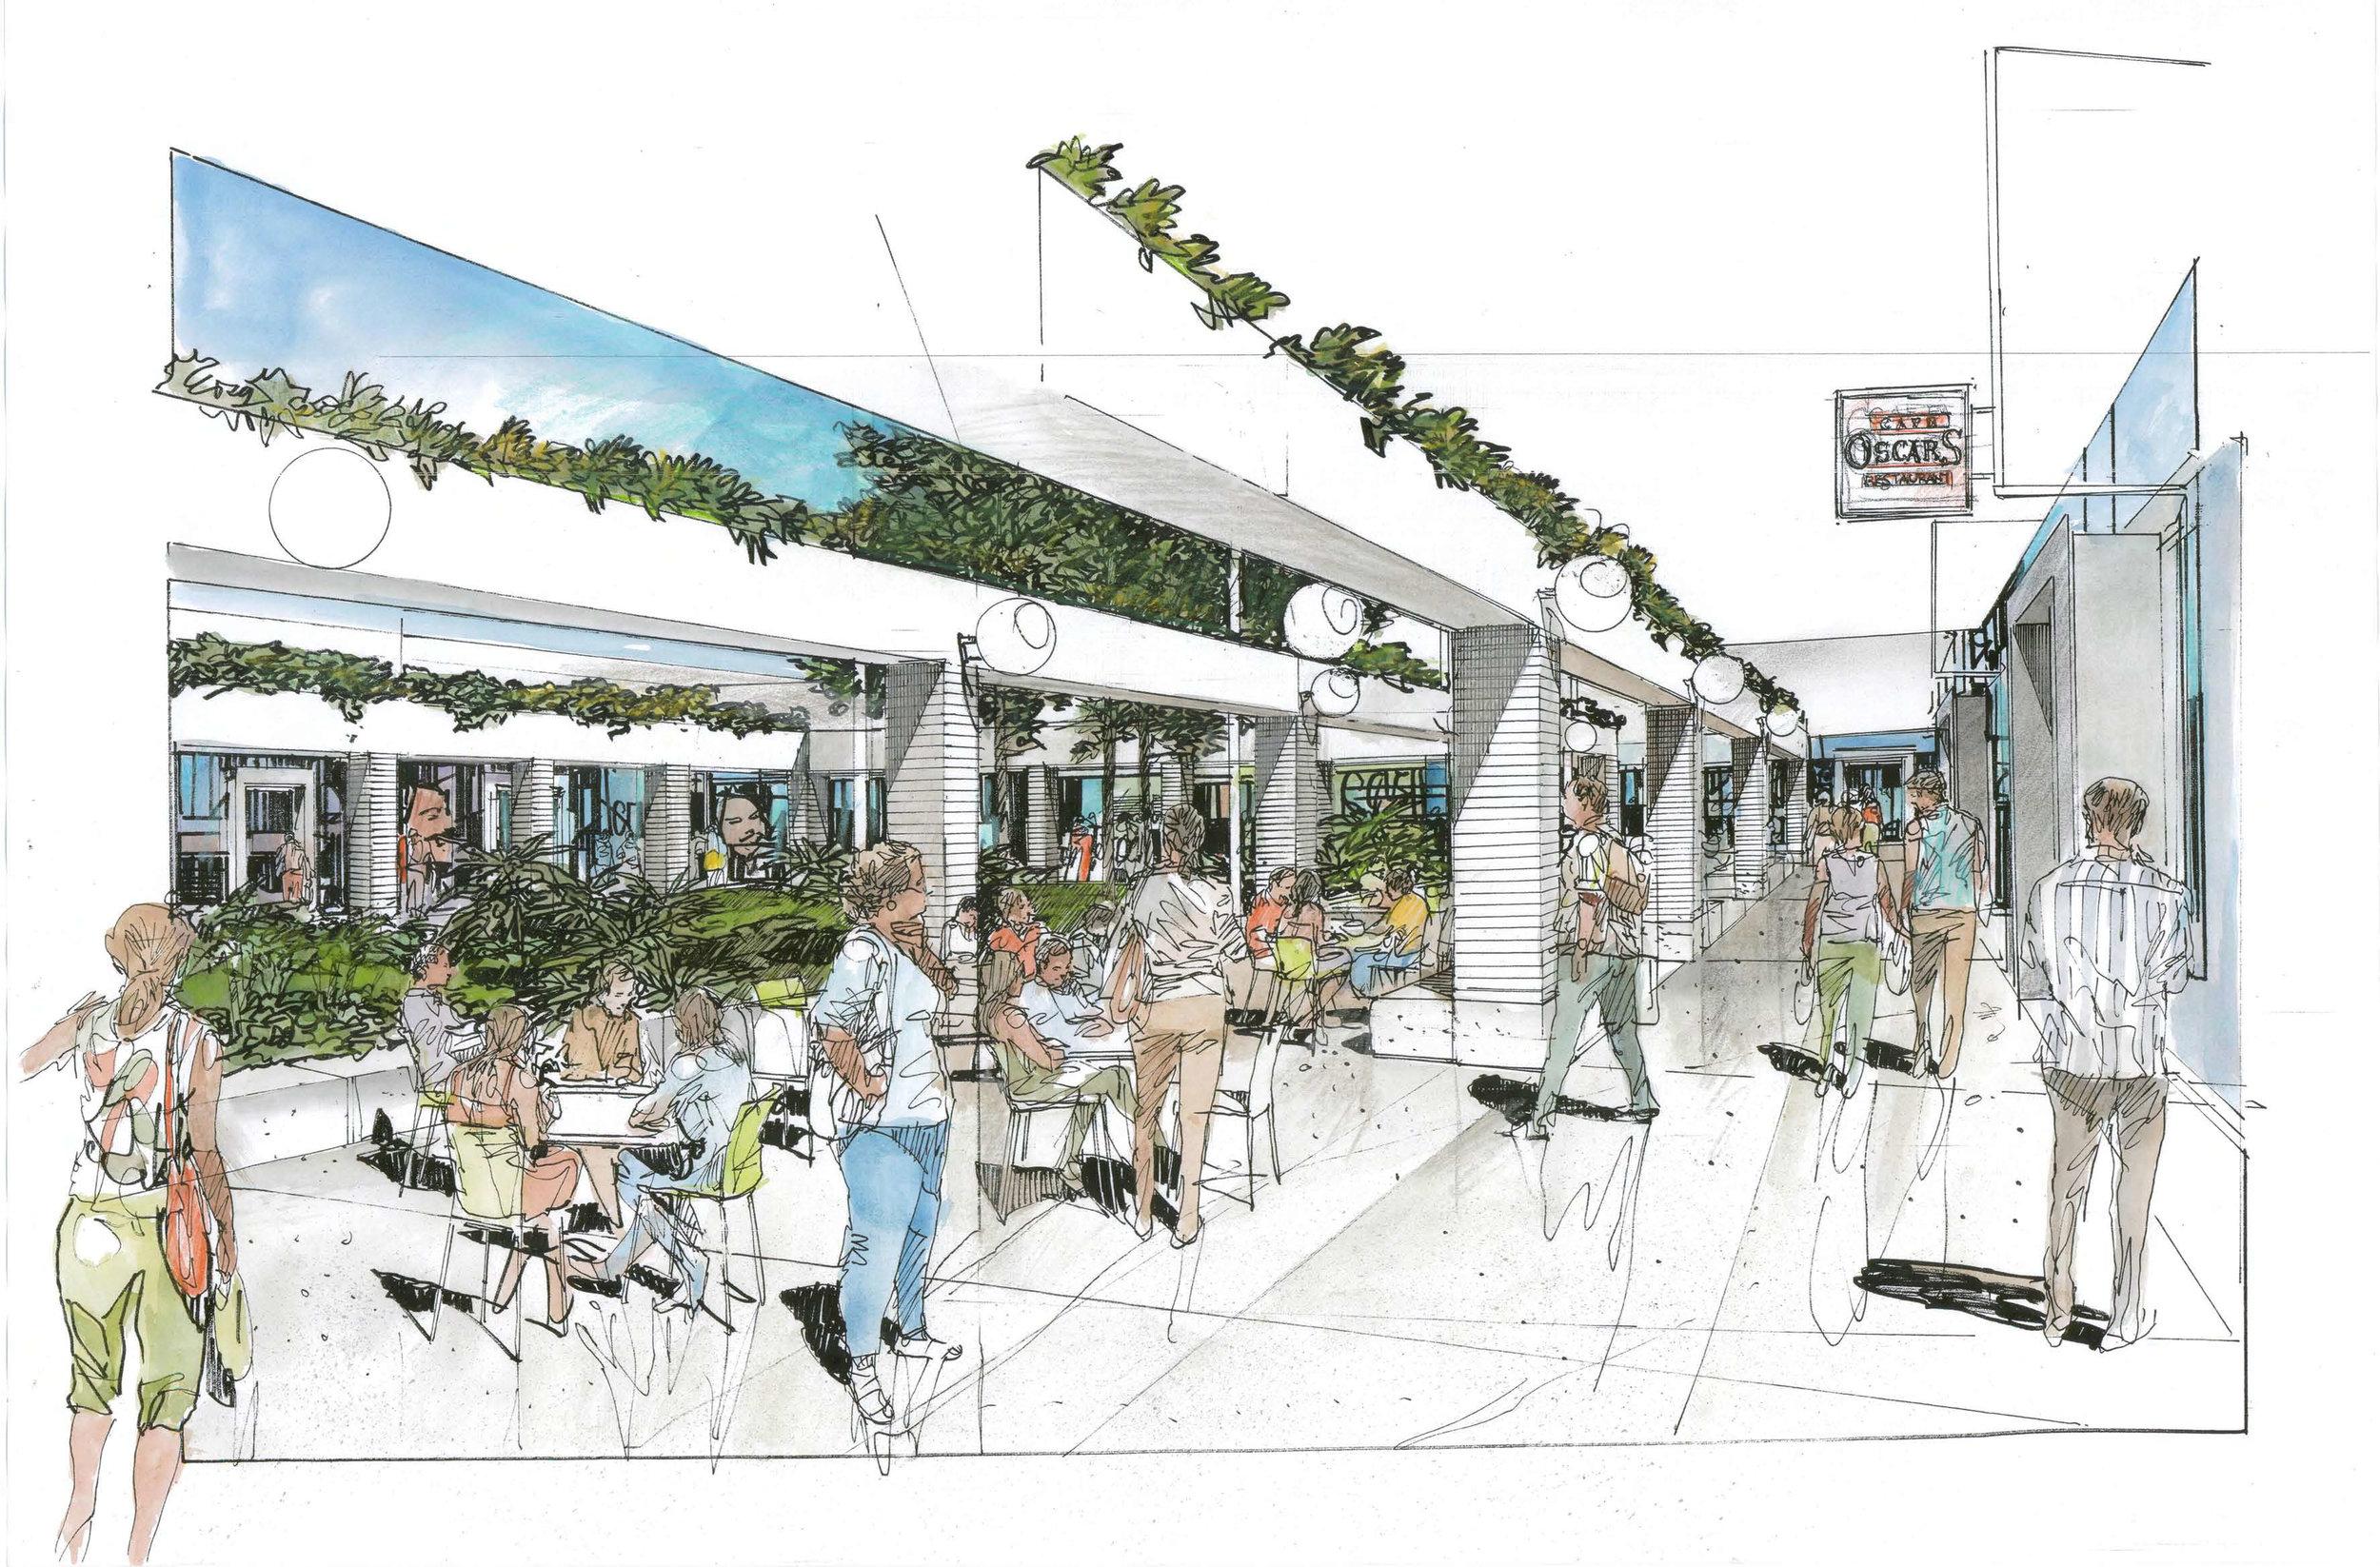 currambine_restaurant planters + garden.jpg